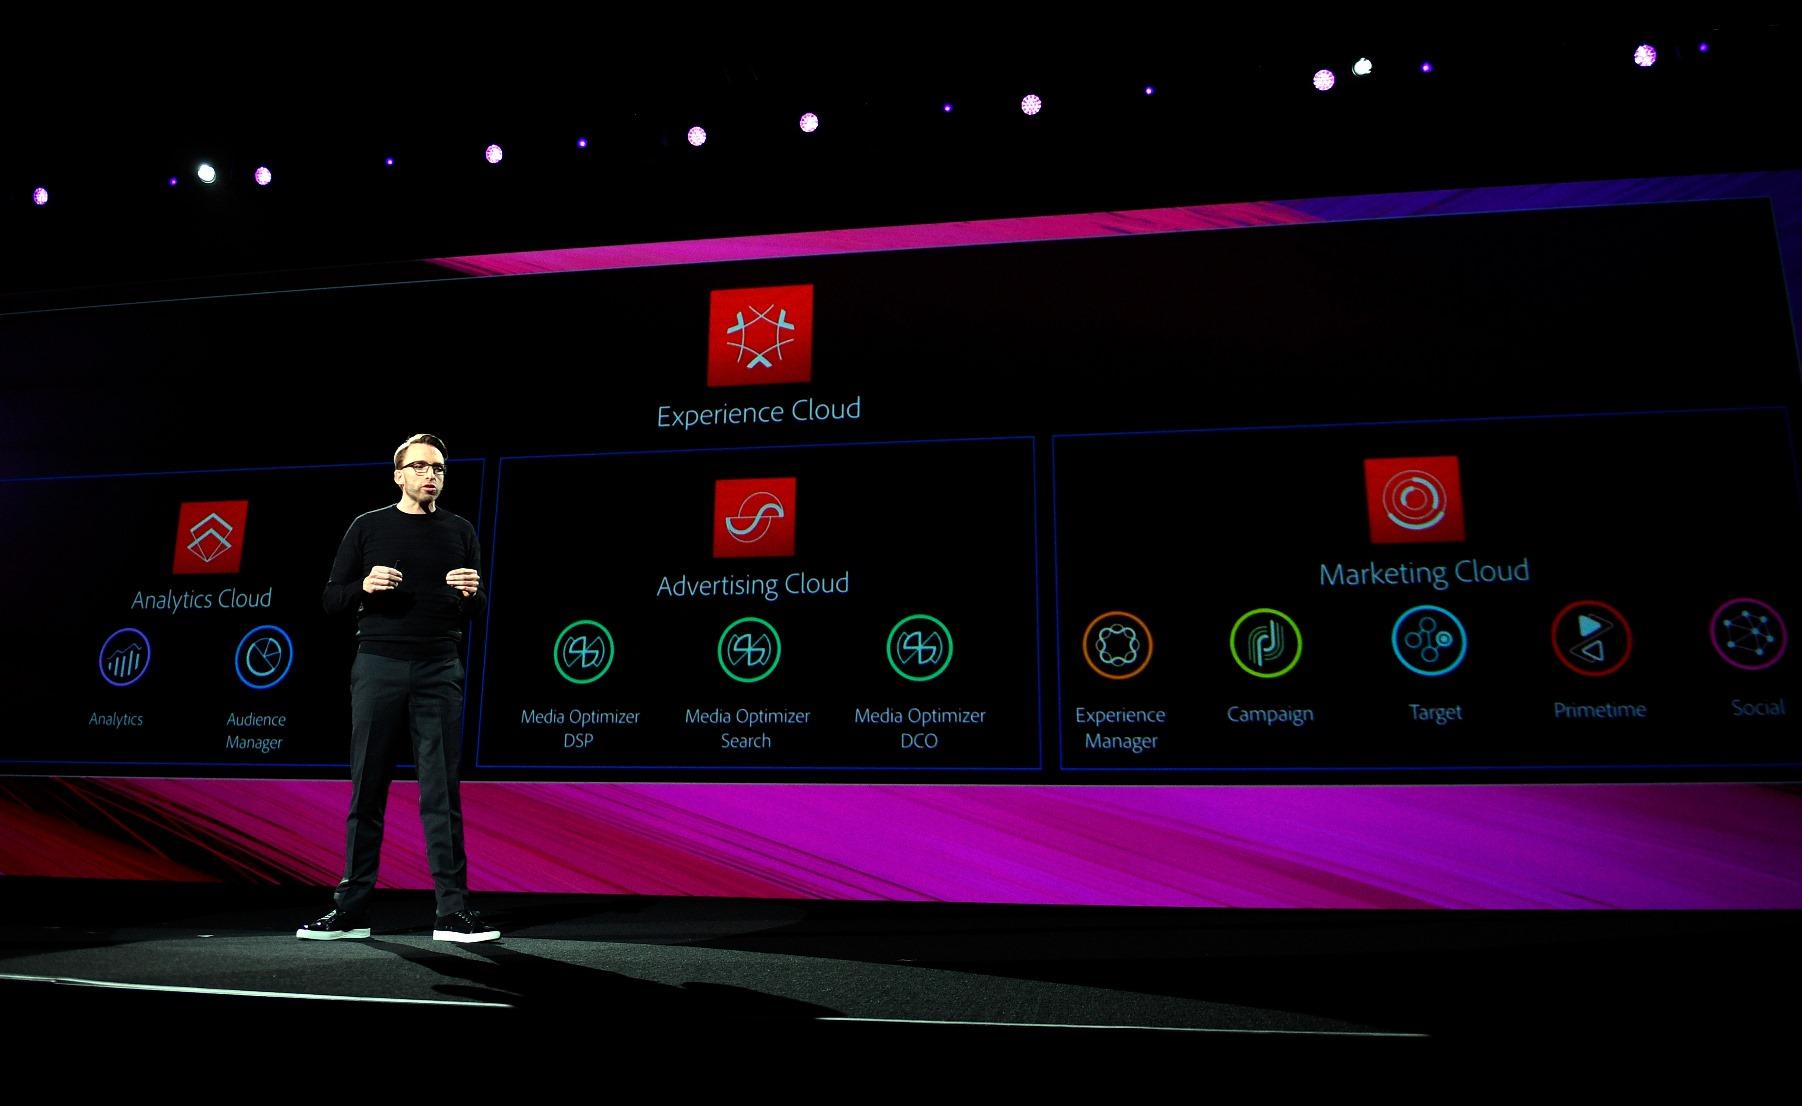 20170321 adobe summit day 1  2312 อะโดบีปฏิวัติการสร้างสรรค์ประสบการณ์ลูกค้าที่งาน Adobe Summit 2017